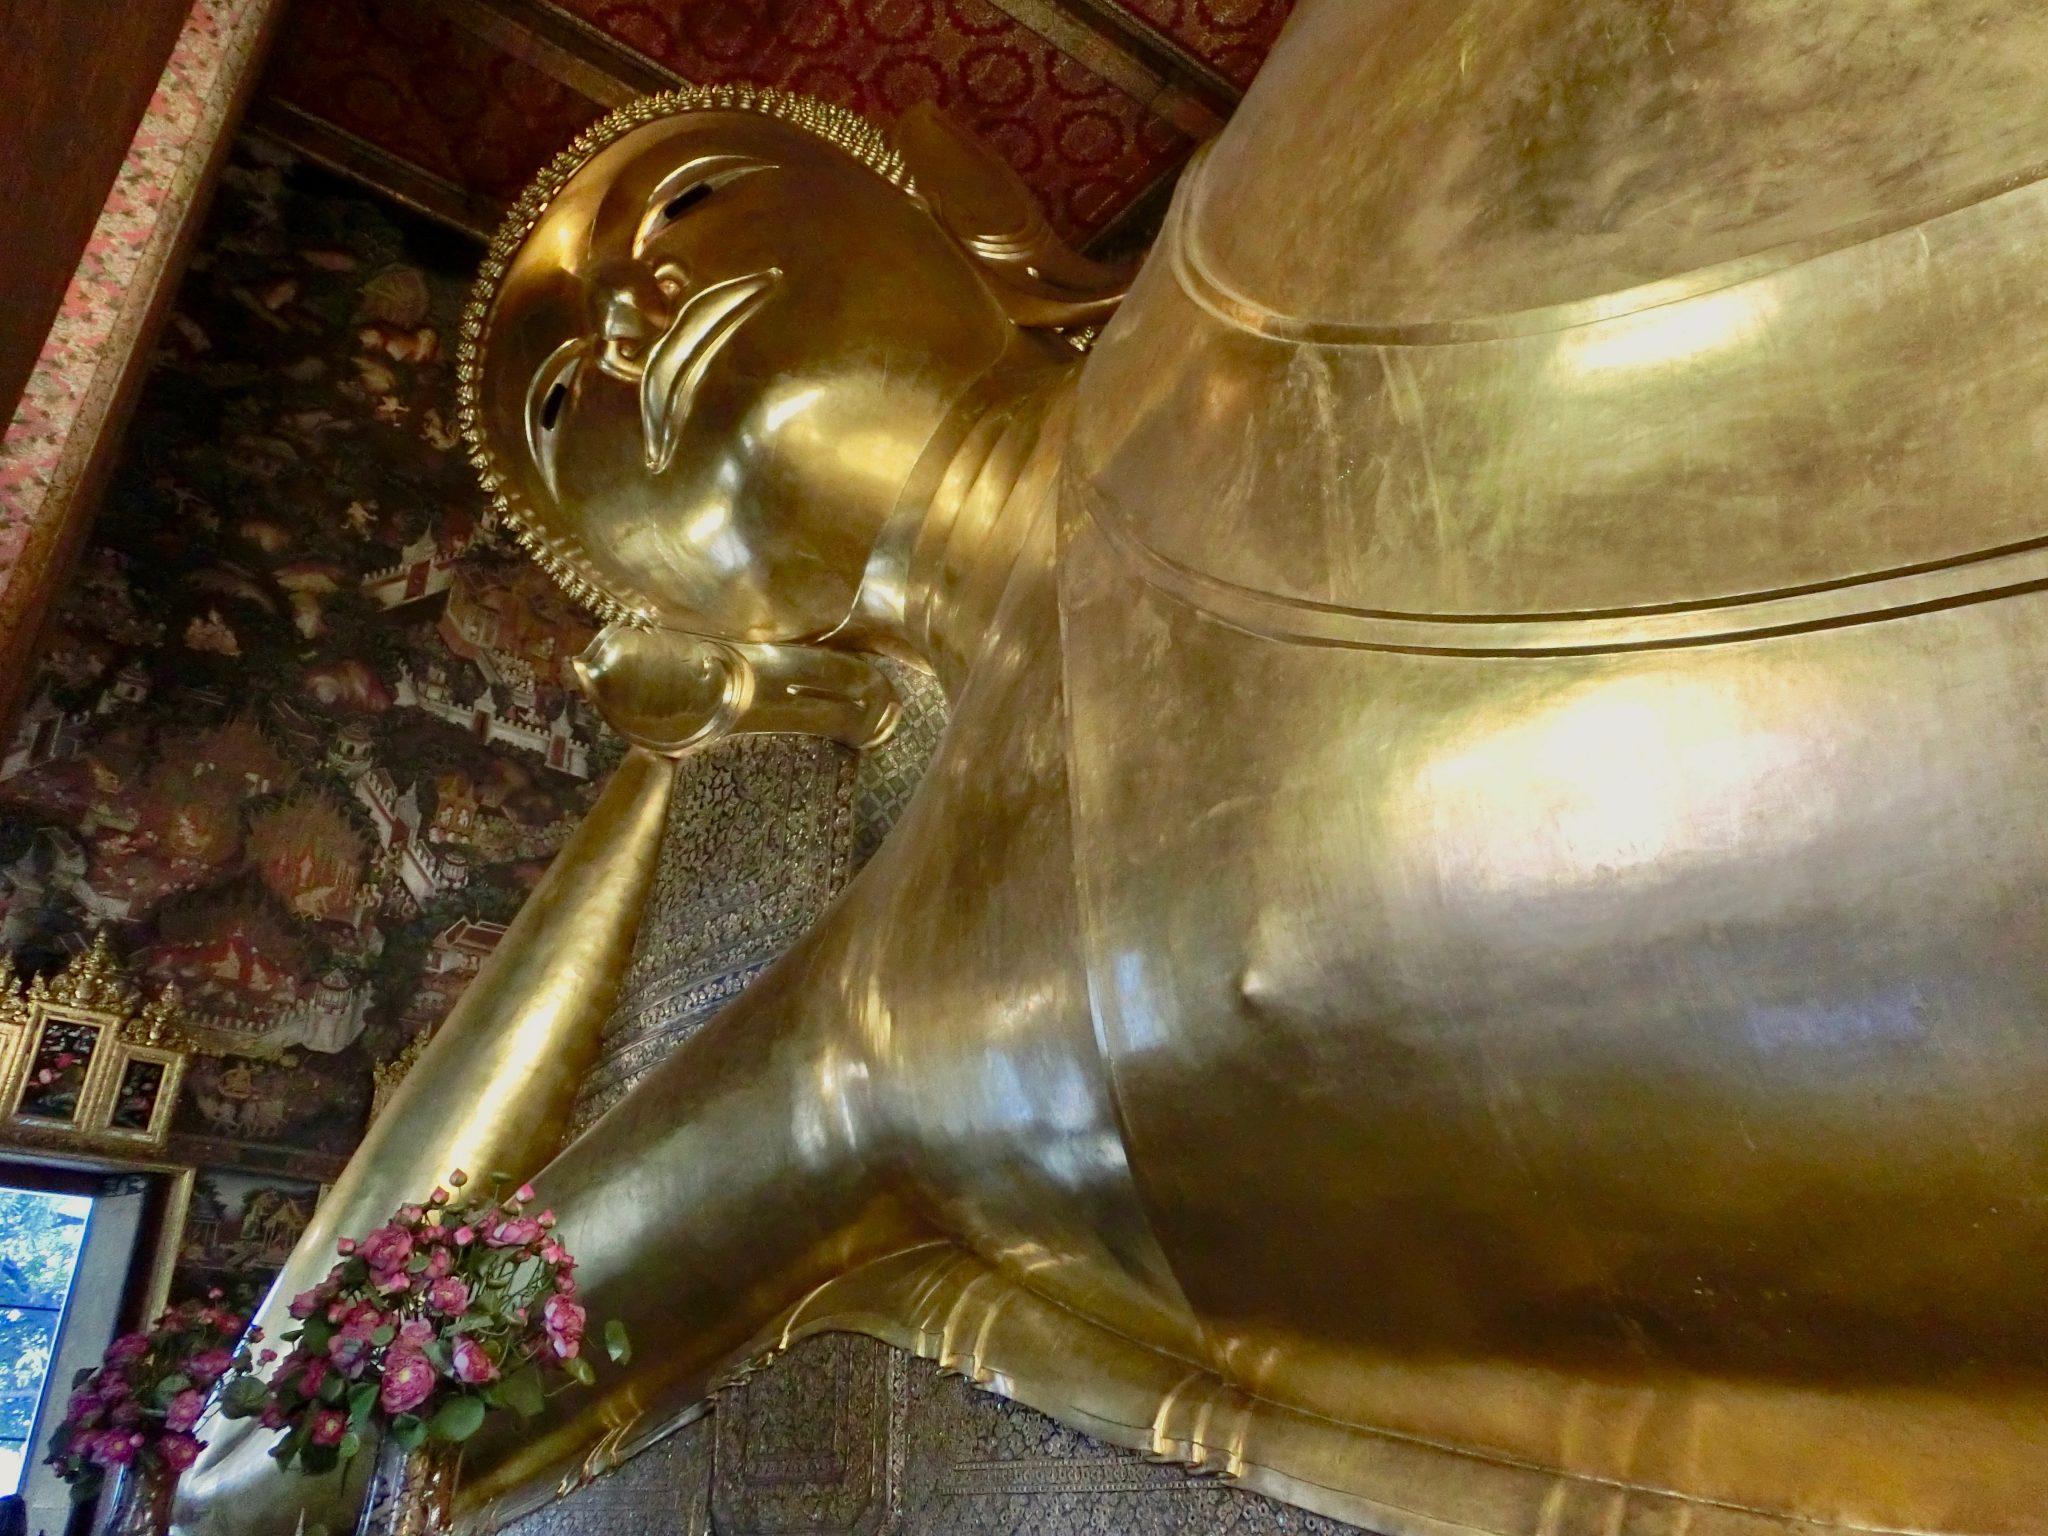 Thailand, Bangkok: Wat Pho (das wahrscheinlich beliebteste Fotomotiv im gesamten Tempelgelände ist der45 Meter lange, vergoldete, liegende Buddha)